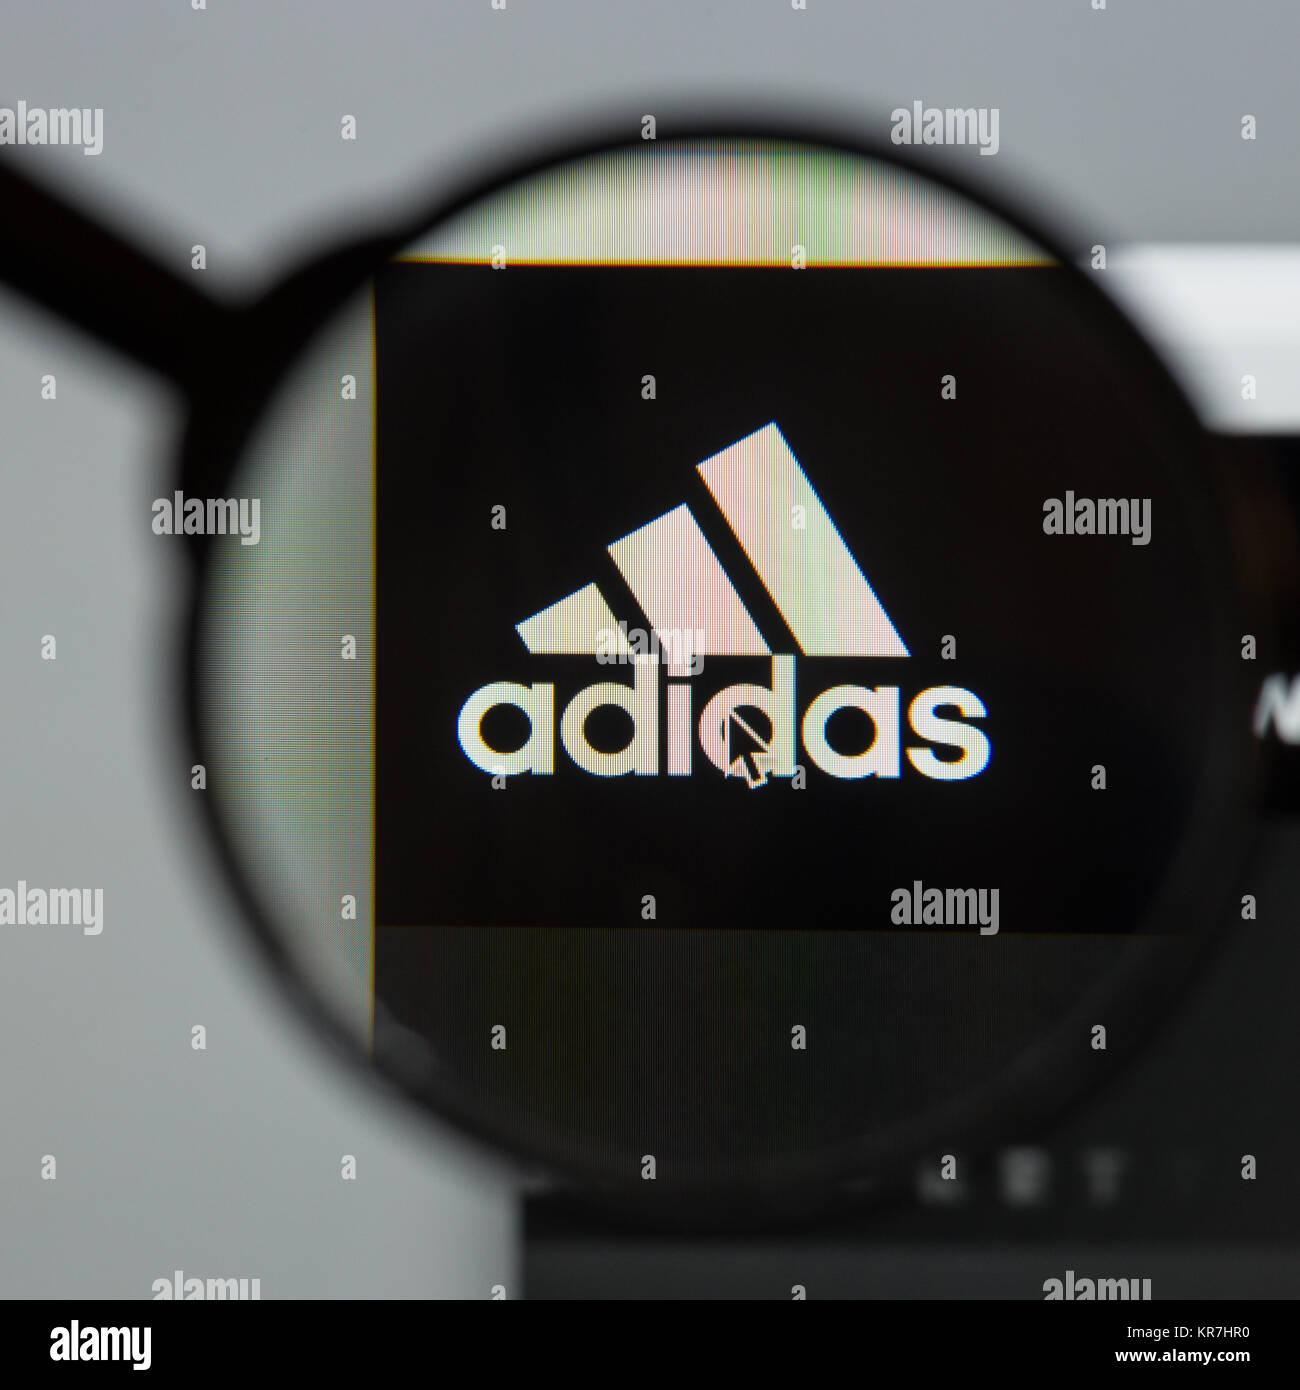 Adidas Logo Stock Photos   Adidas Logo Stock Images Alamy 170d36bf4